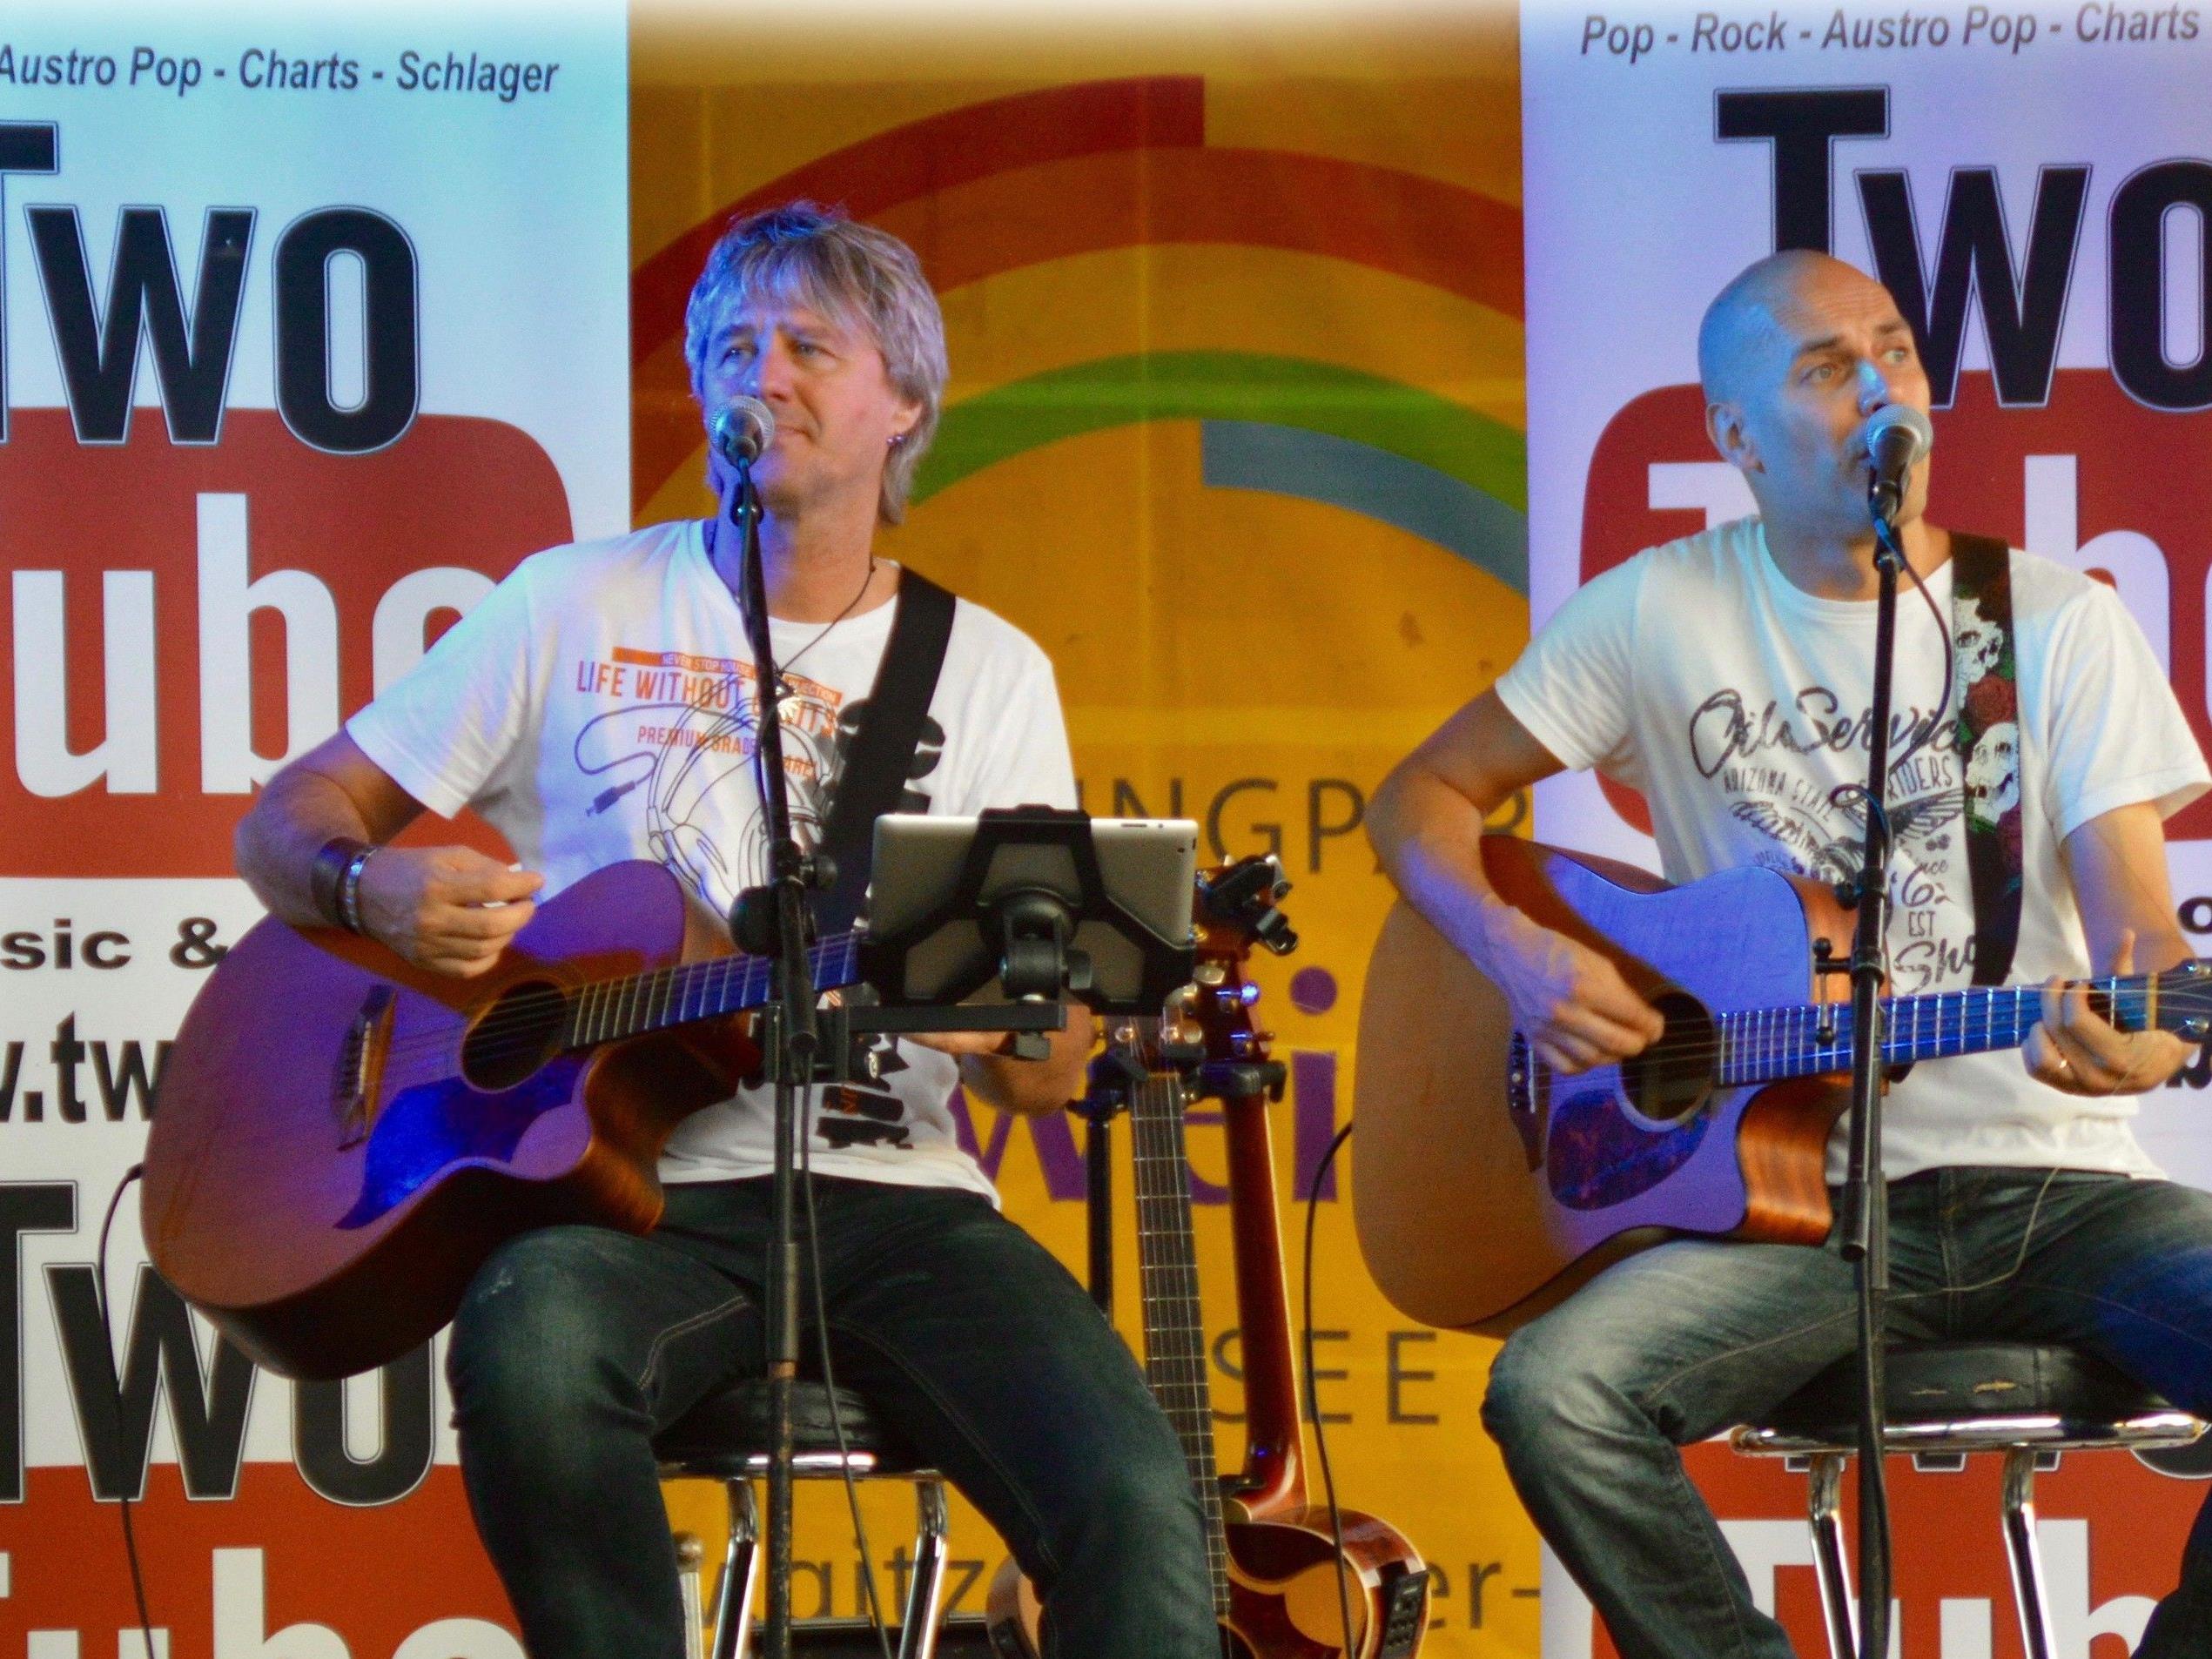 """Terrassen-Zeit für Bodenseefans im """"Treff am See"""" im Lochauer Strandbad mit """"Two Tube – Music & More"""" live."""